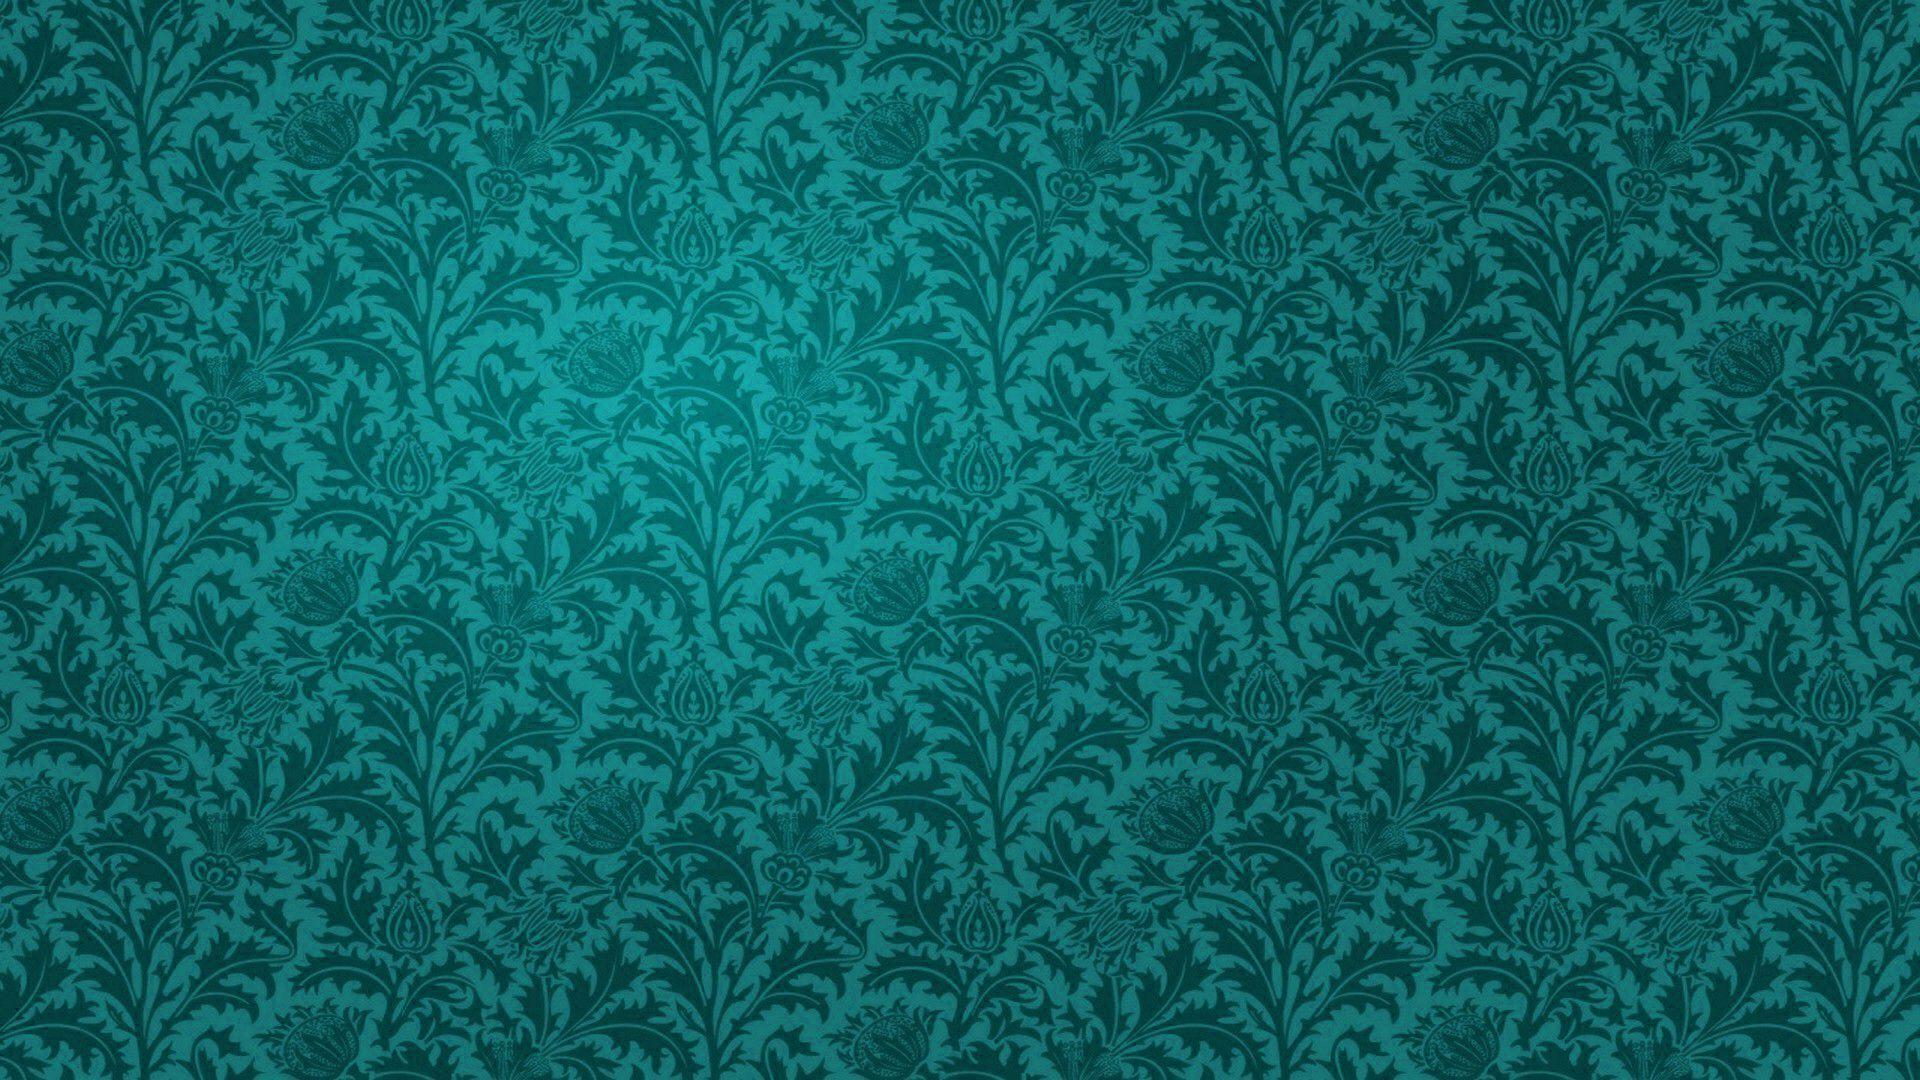 Mint Green High Definition